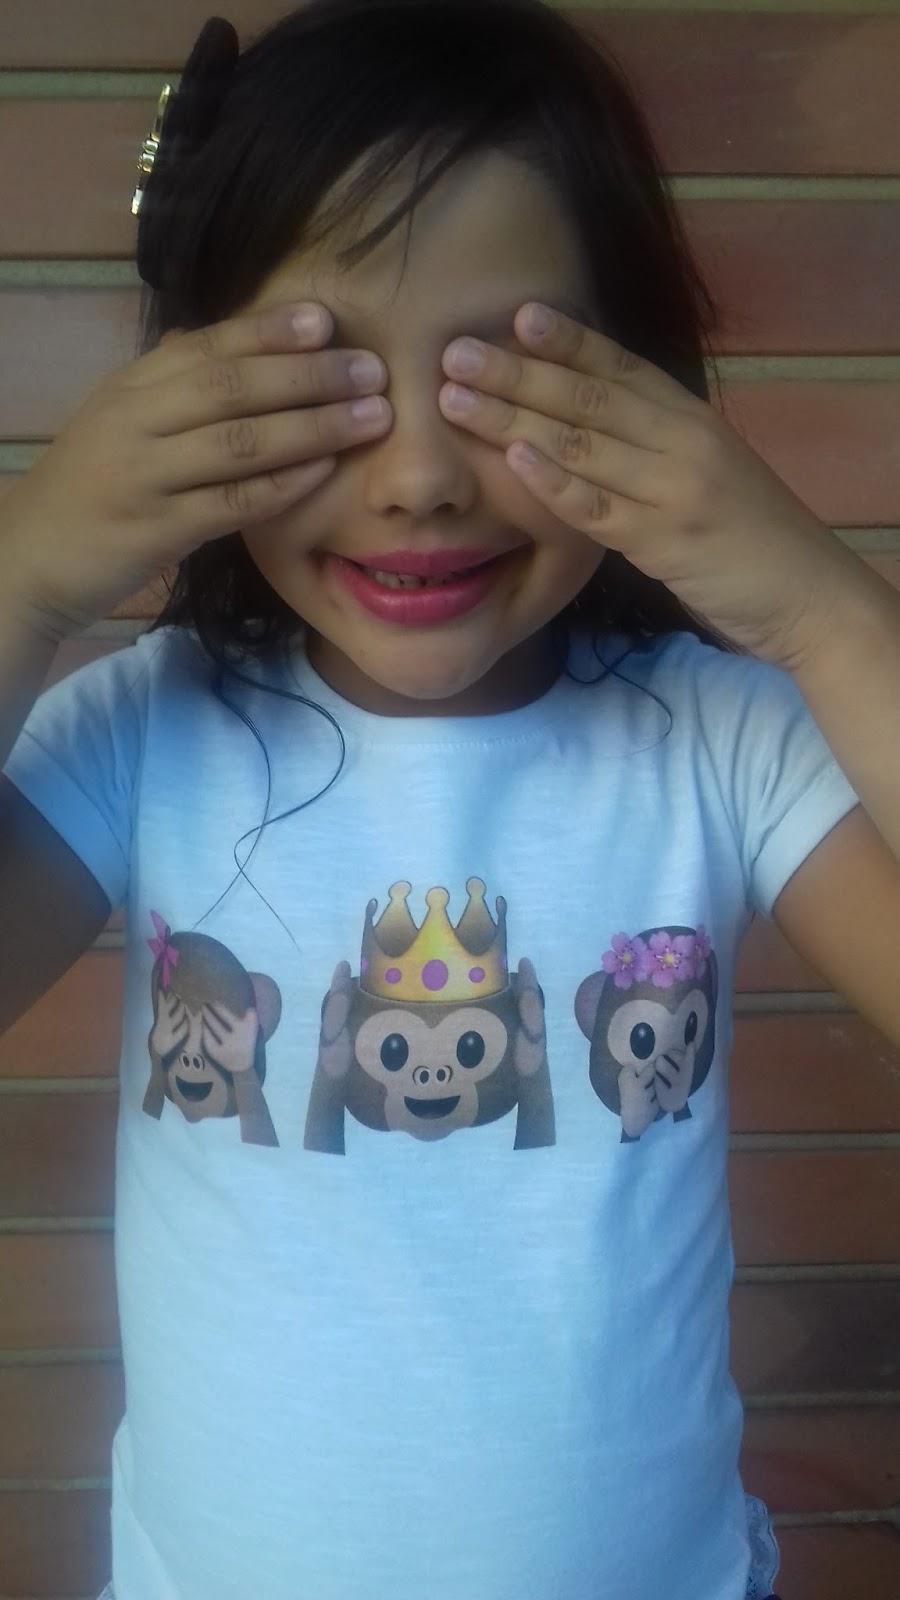 baee177d7 Blog da Lilian Brito  Estampa de emojis também na moda infantil 🙈🙉🙊💖